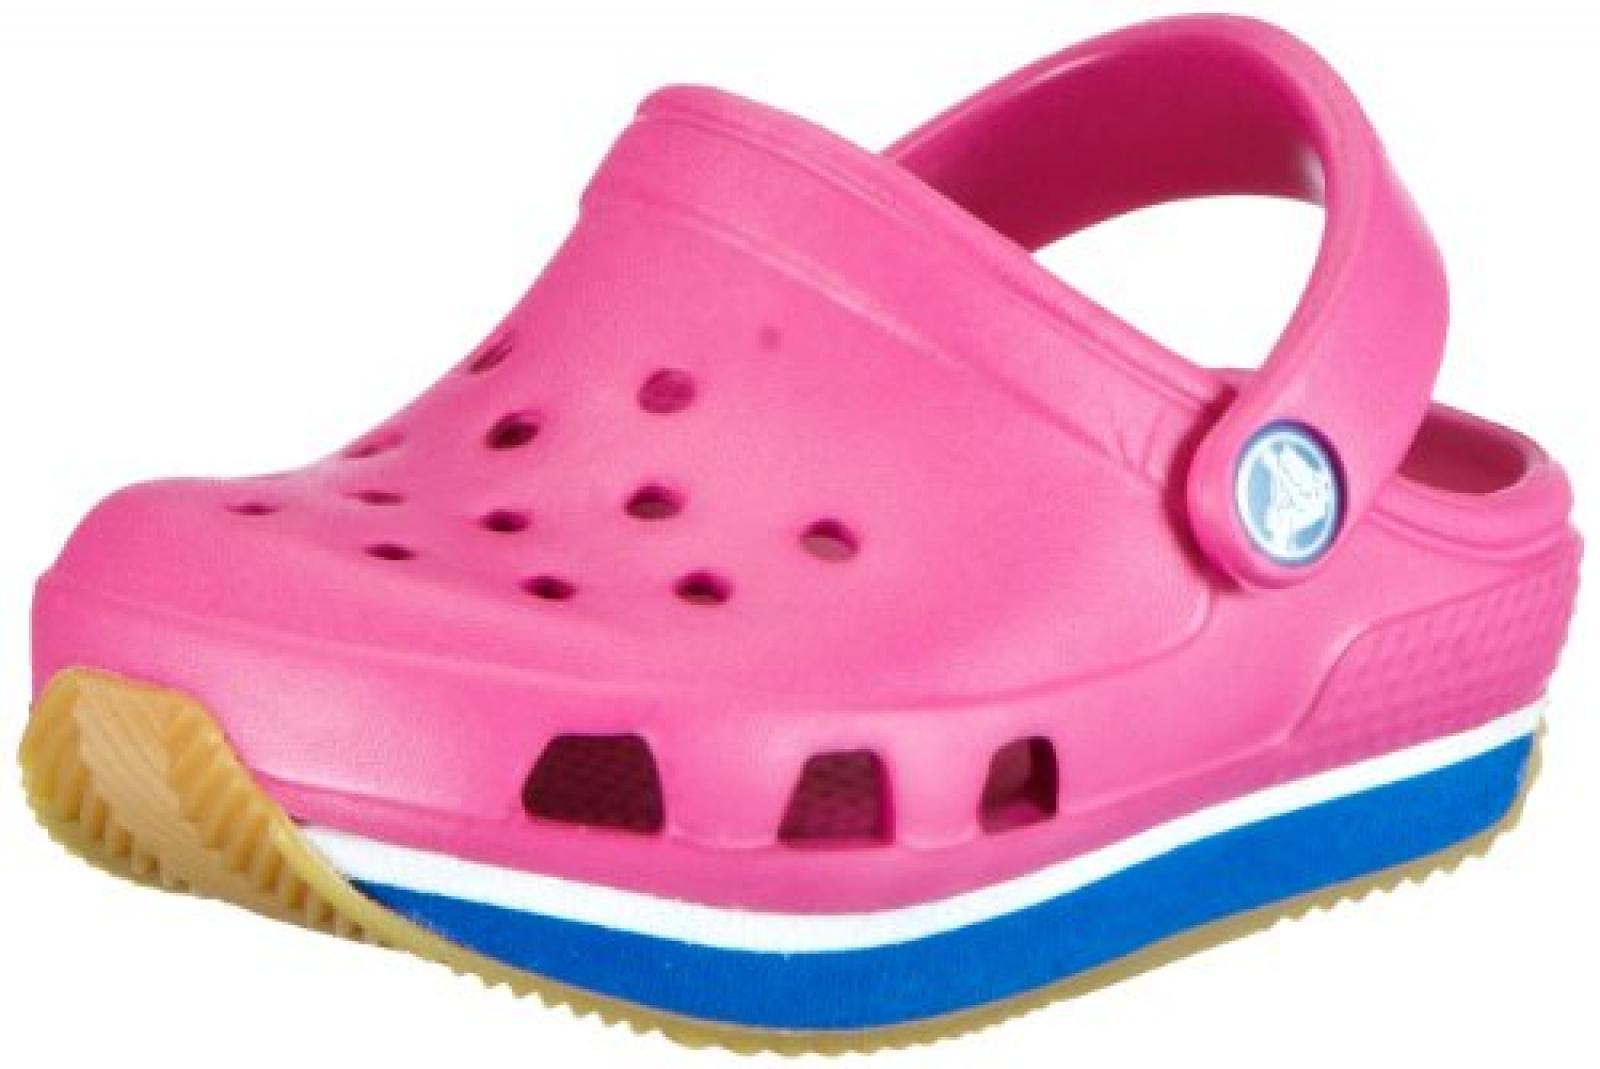 crocs Crocs Retro Clog Kids 14006-6K7-135 Unisex-Kinder Clogs & Pantoletten